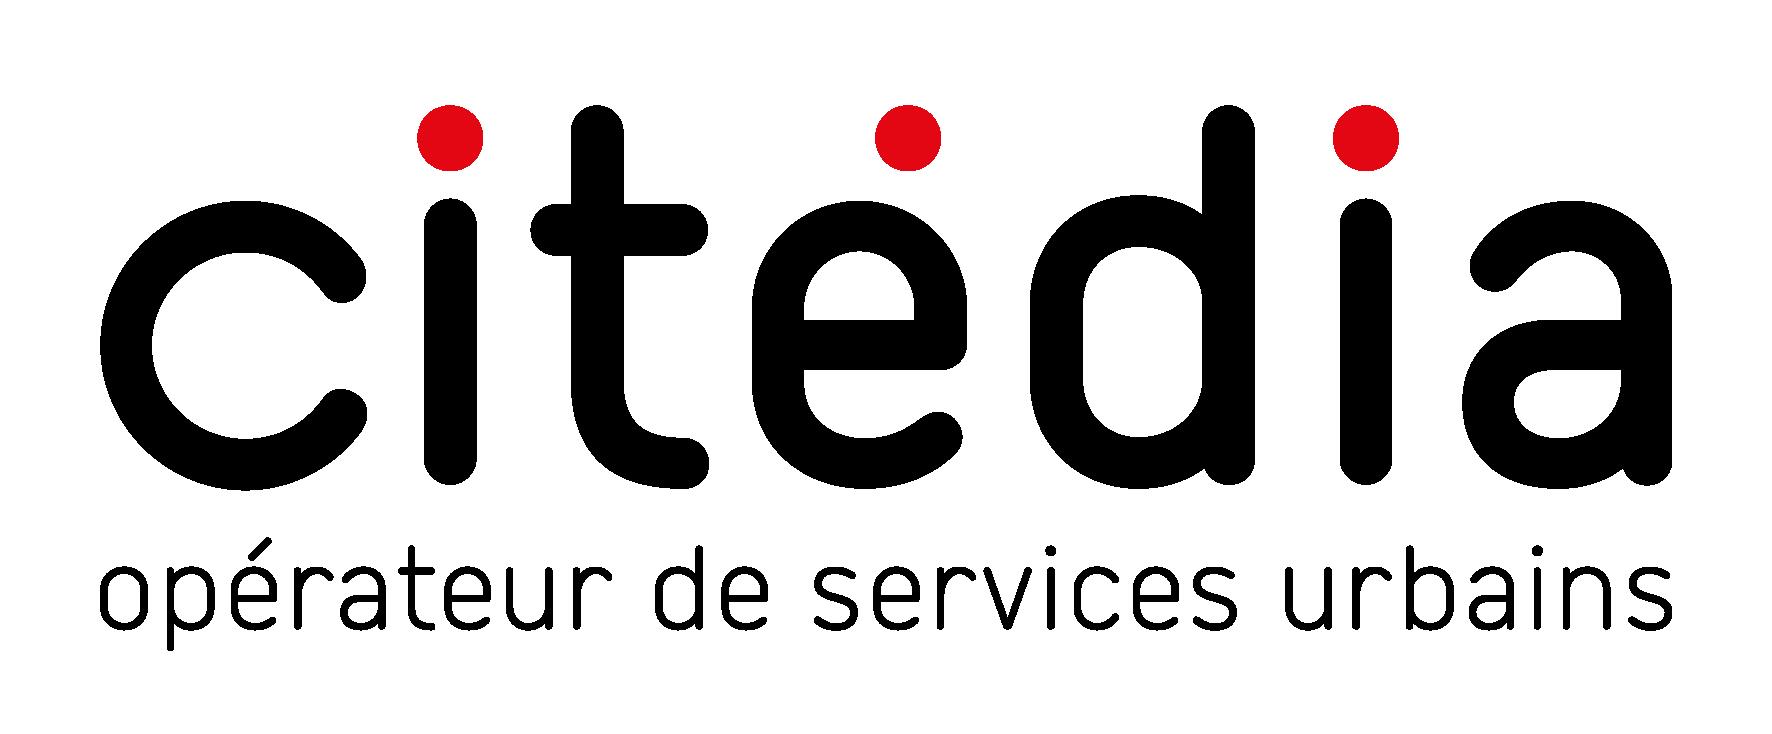 CITEDIA, Opérateur de services urbains